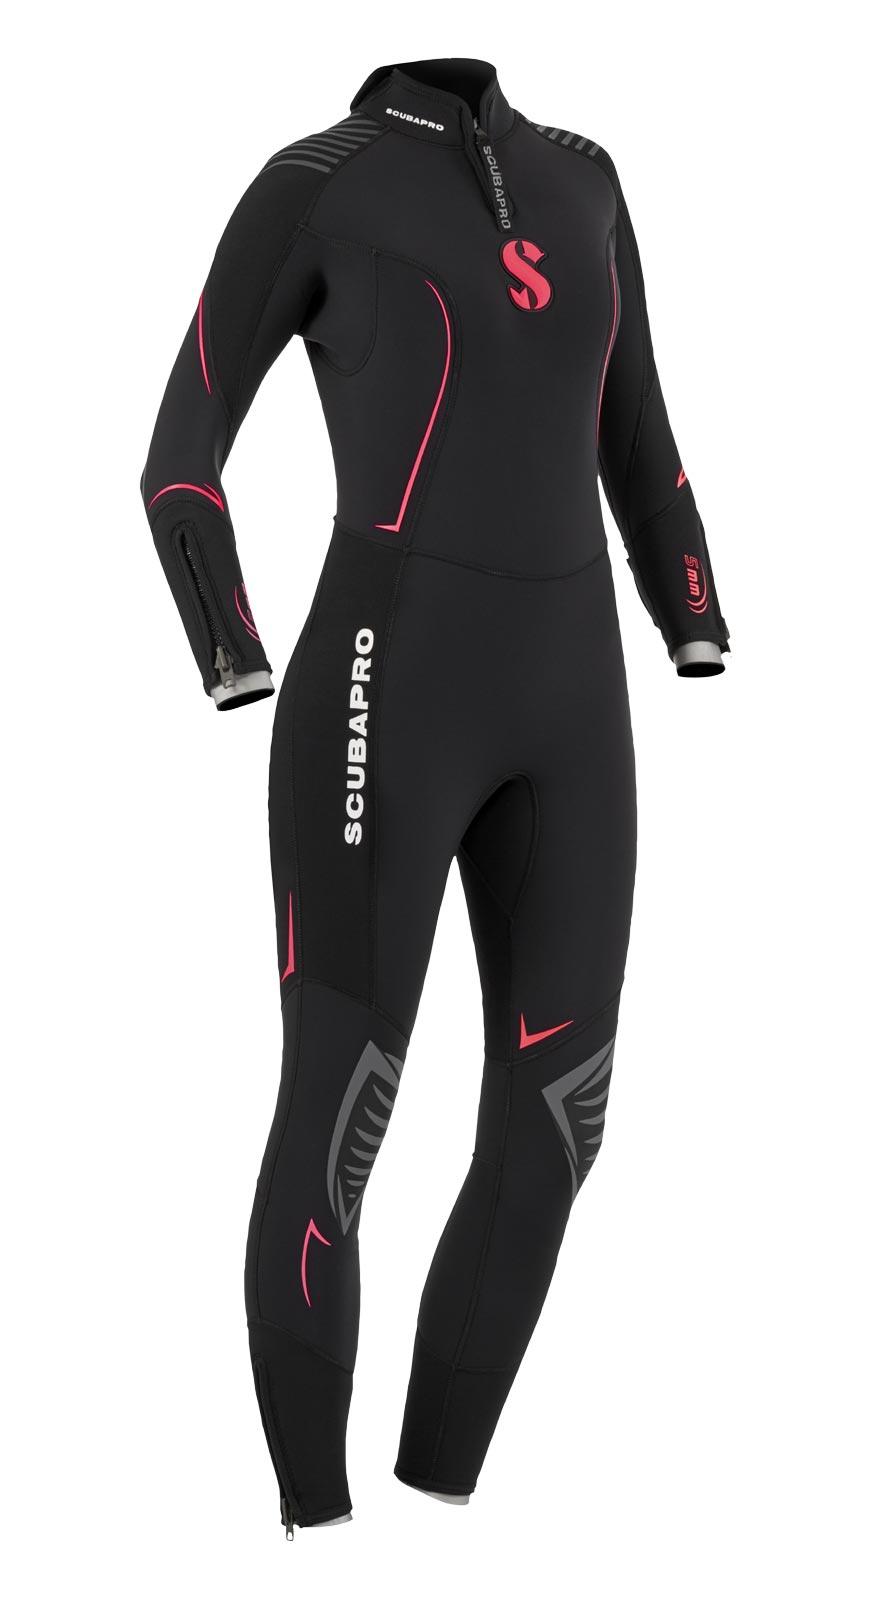 Дамски неопренов водолазен костюм DEFINITION Lady 6,5 мм - Scubapro